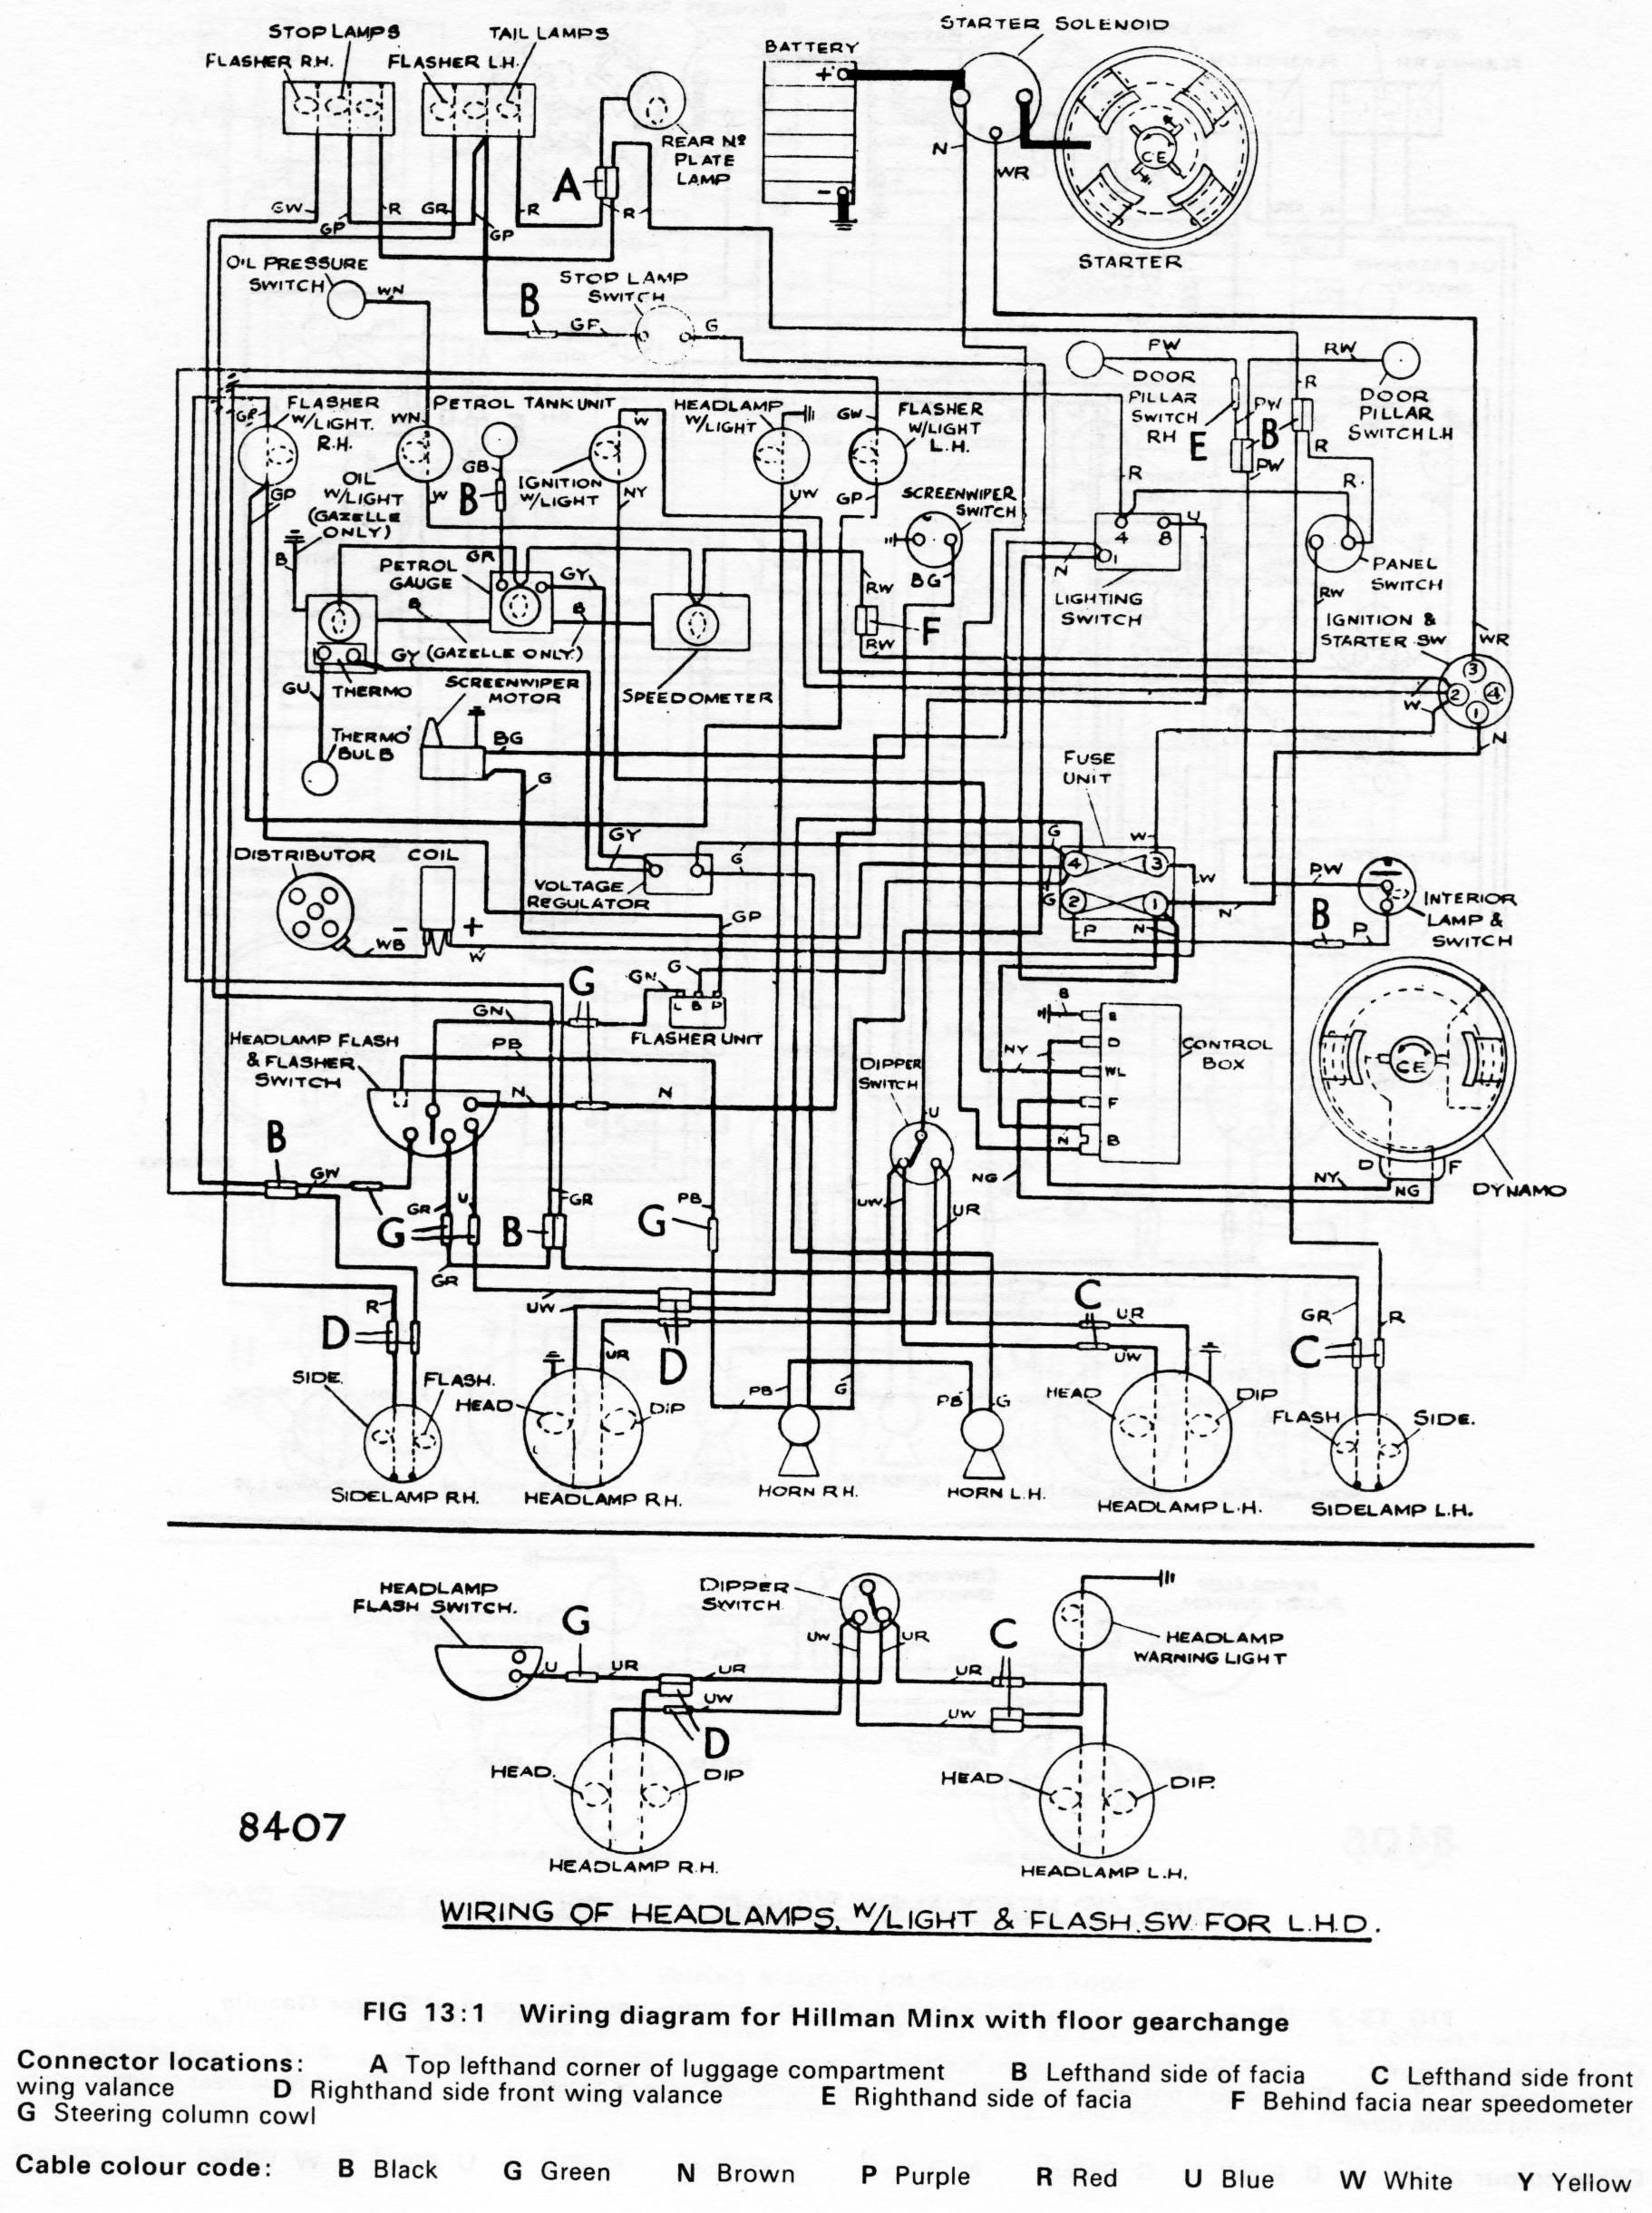 hillman car club of south australia  u2013 wiring diagrams